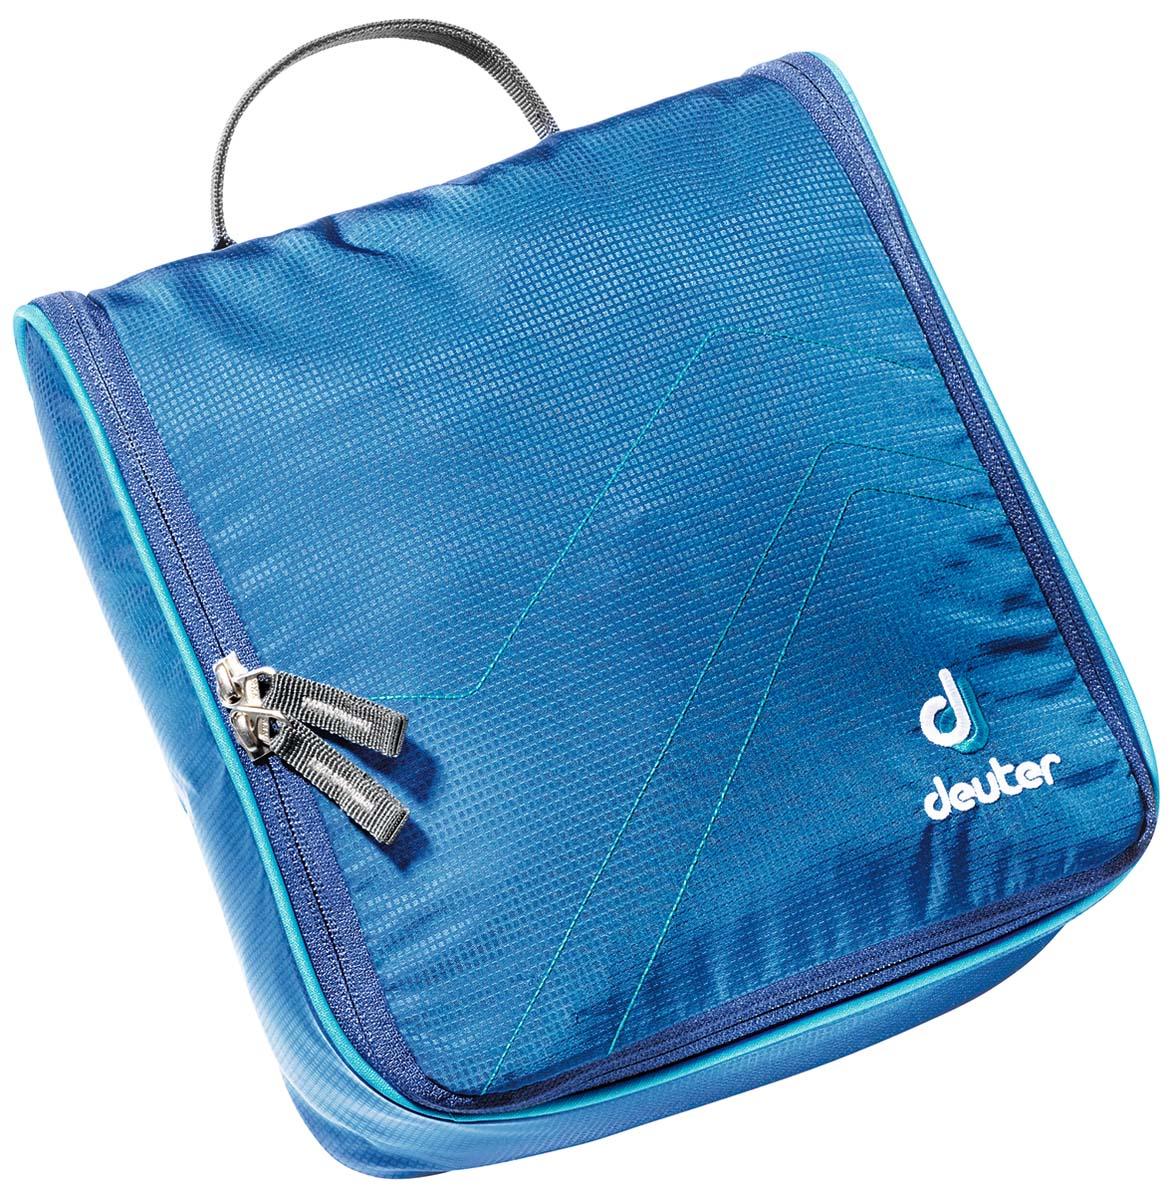 Косметичка Deuter Accessories Wash Center II, цвет: светло-голубой, бирюзовый39464_3306В этой вместительной, но компактной косметичке уместится весь набор гигиенических принадлежностей необходимых в походе и в путешествии. Съемное внутреннее отделение с крючком для подвески.